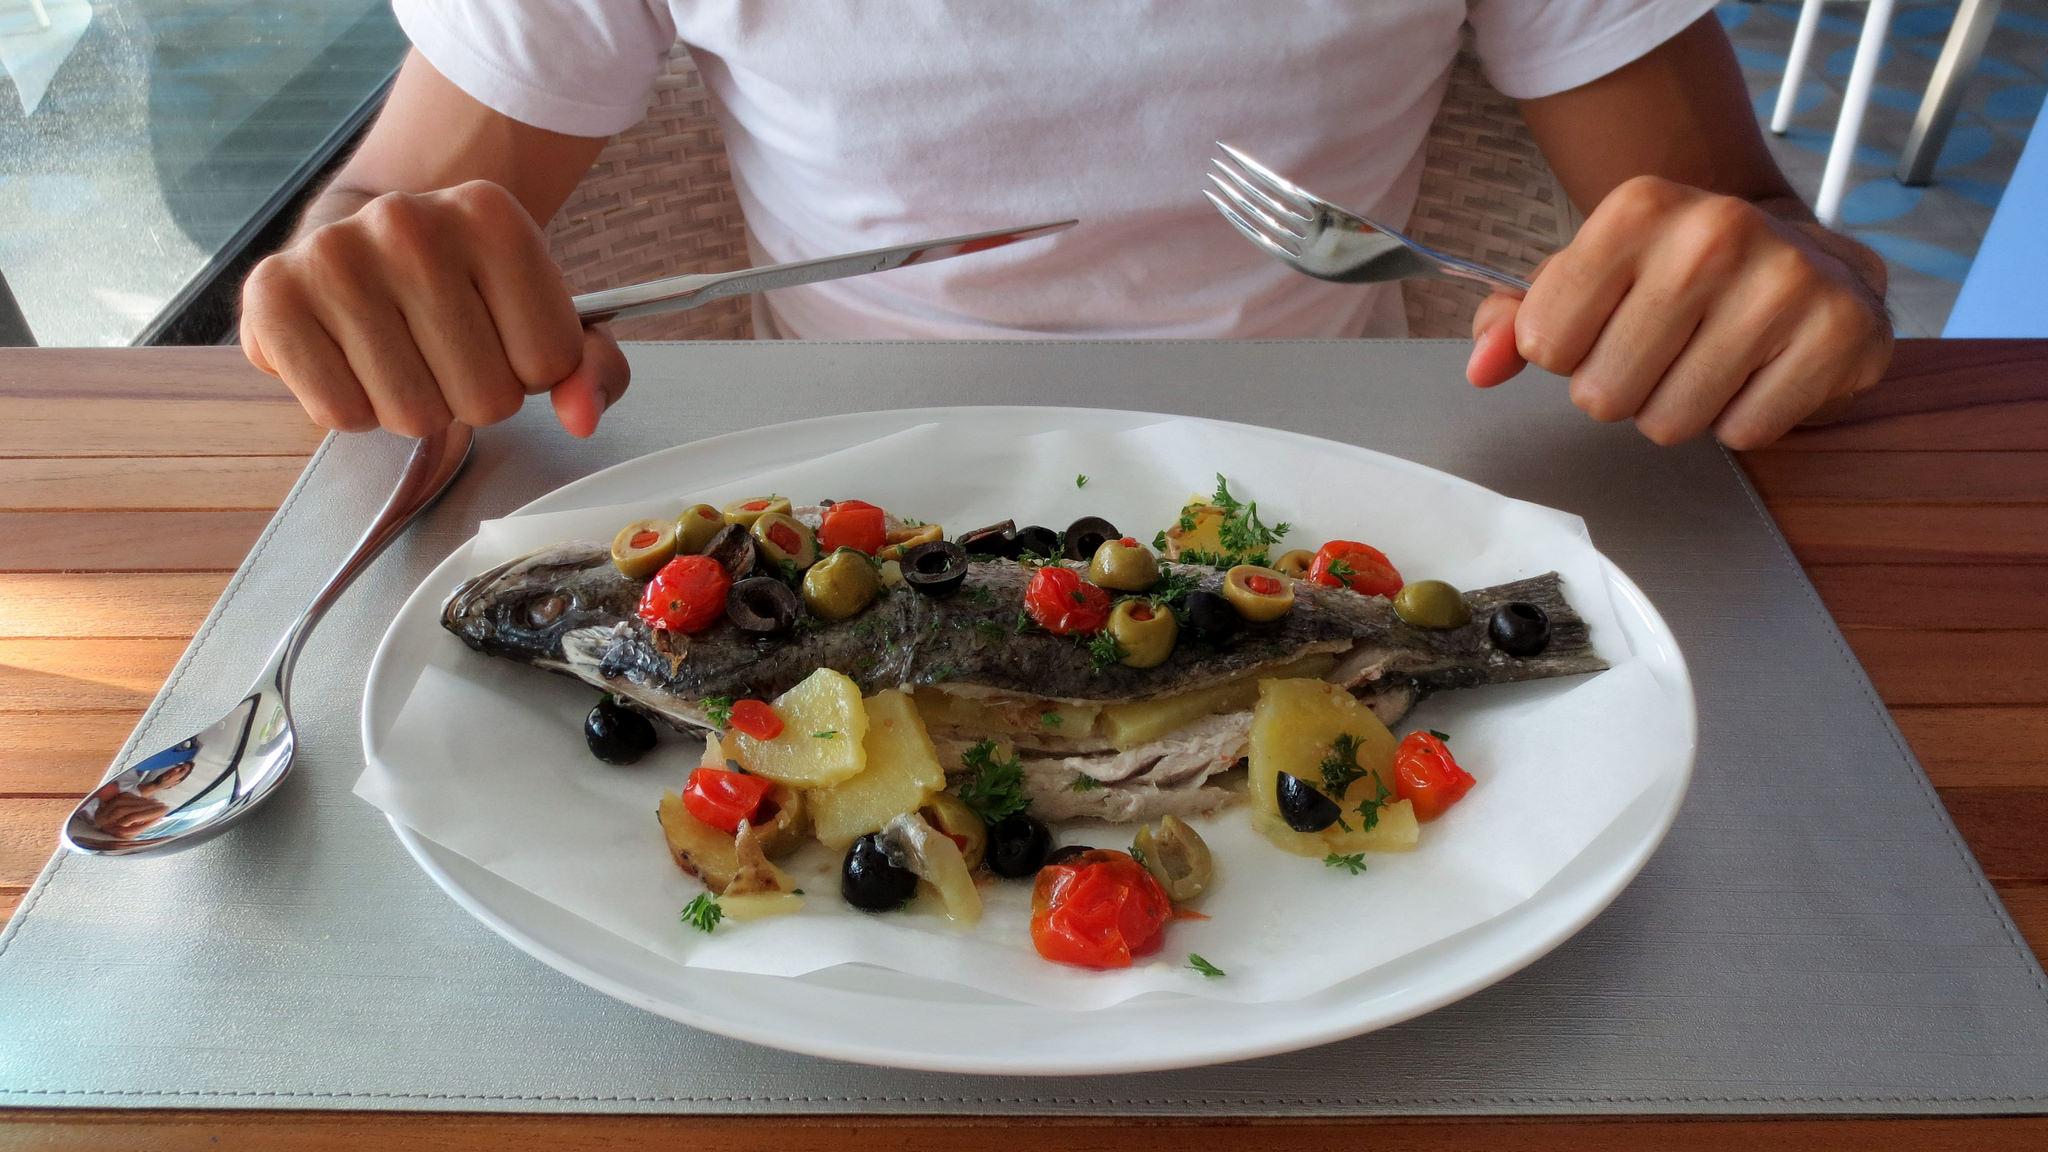 Todo lo que necesitas saber para cocinar un buen pescado - Opciones para cocinar ...